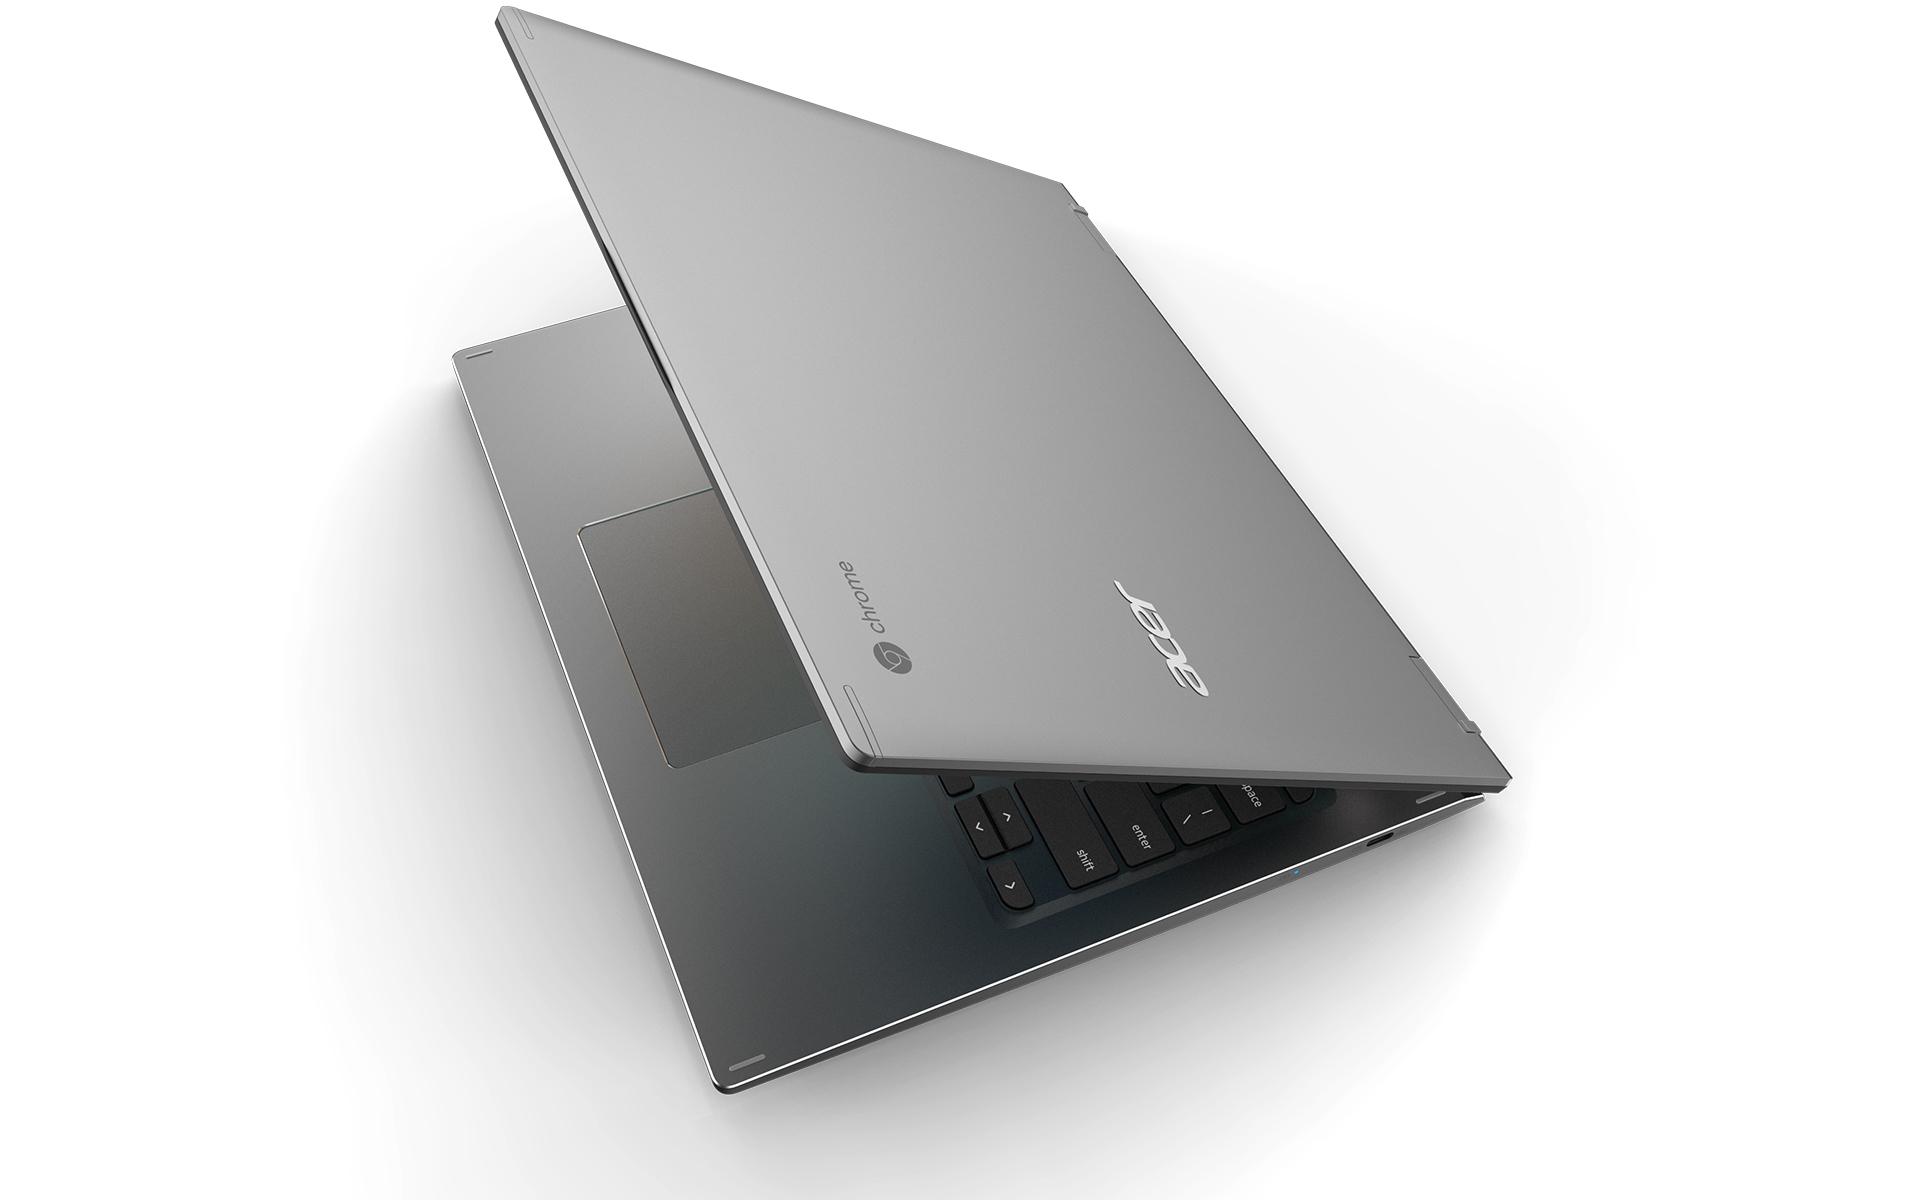 Acer Chromebook 13 - CB713 - Stylish Yet Tough - Large